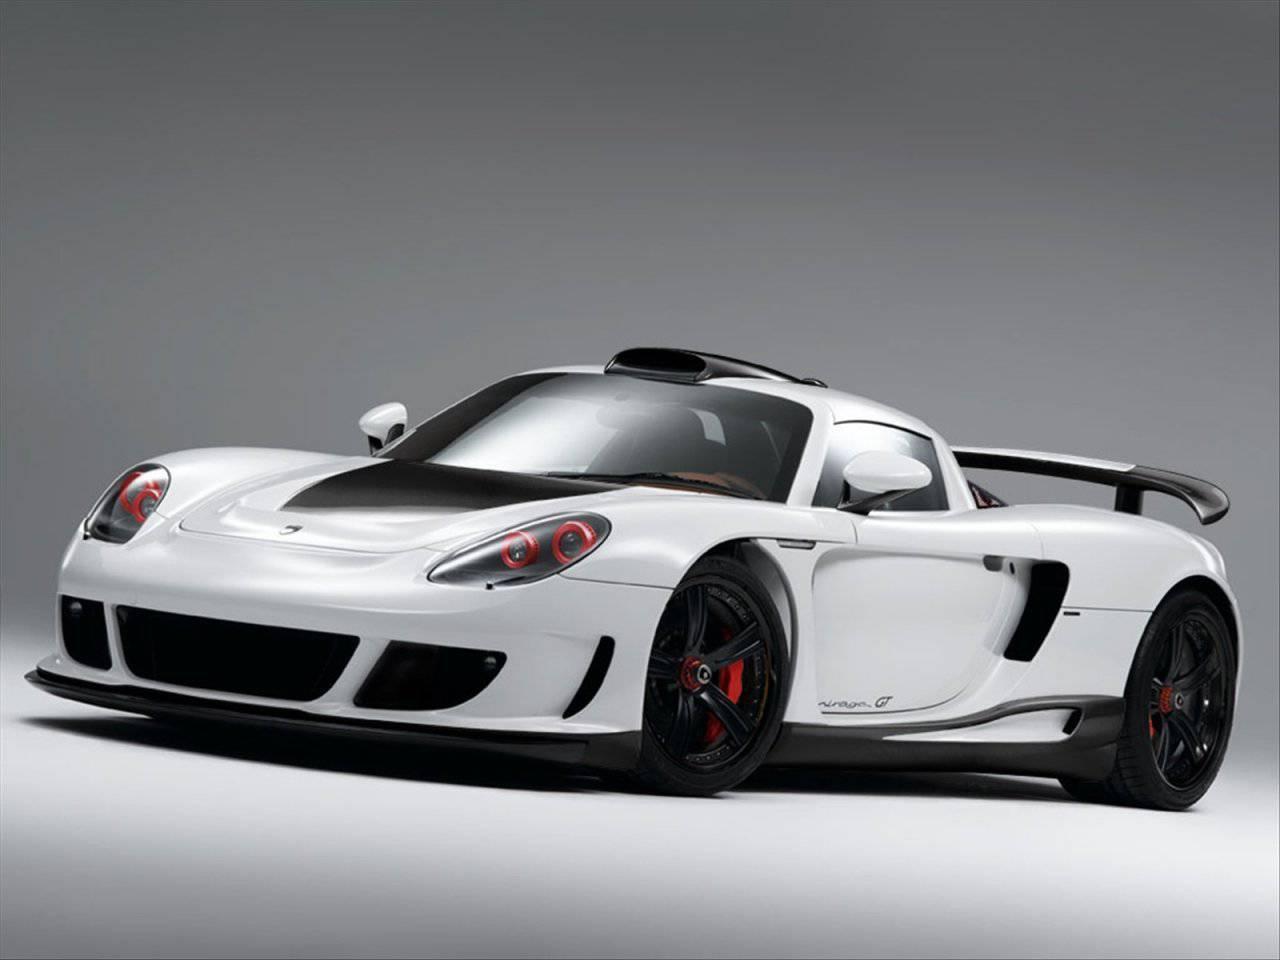 Porsche Carrera GT 12